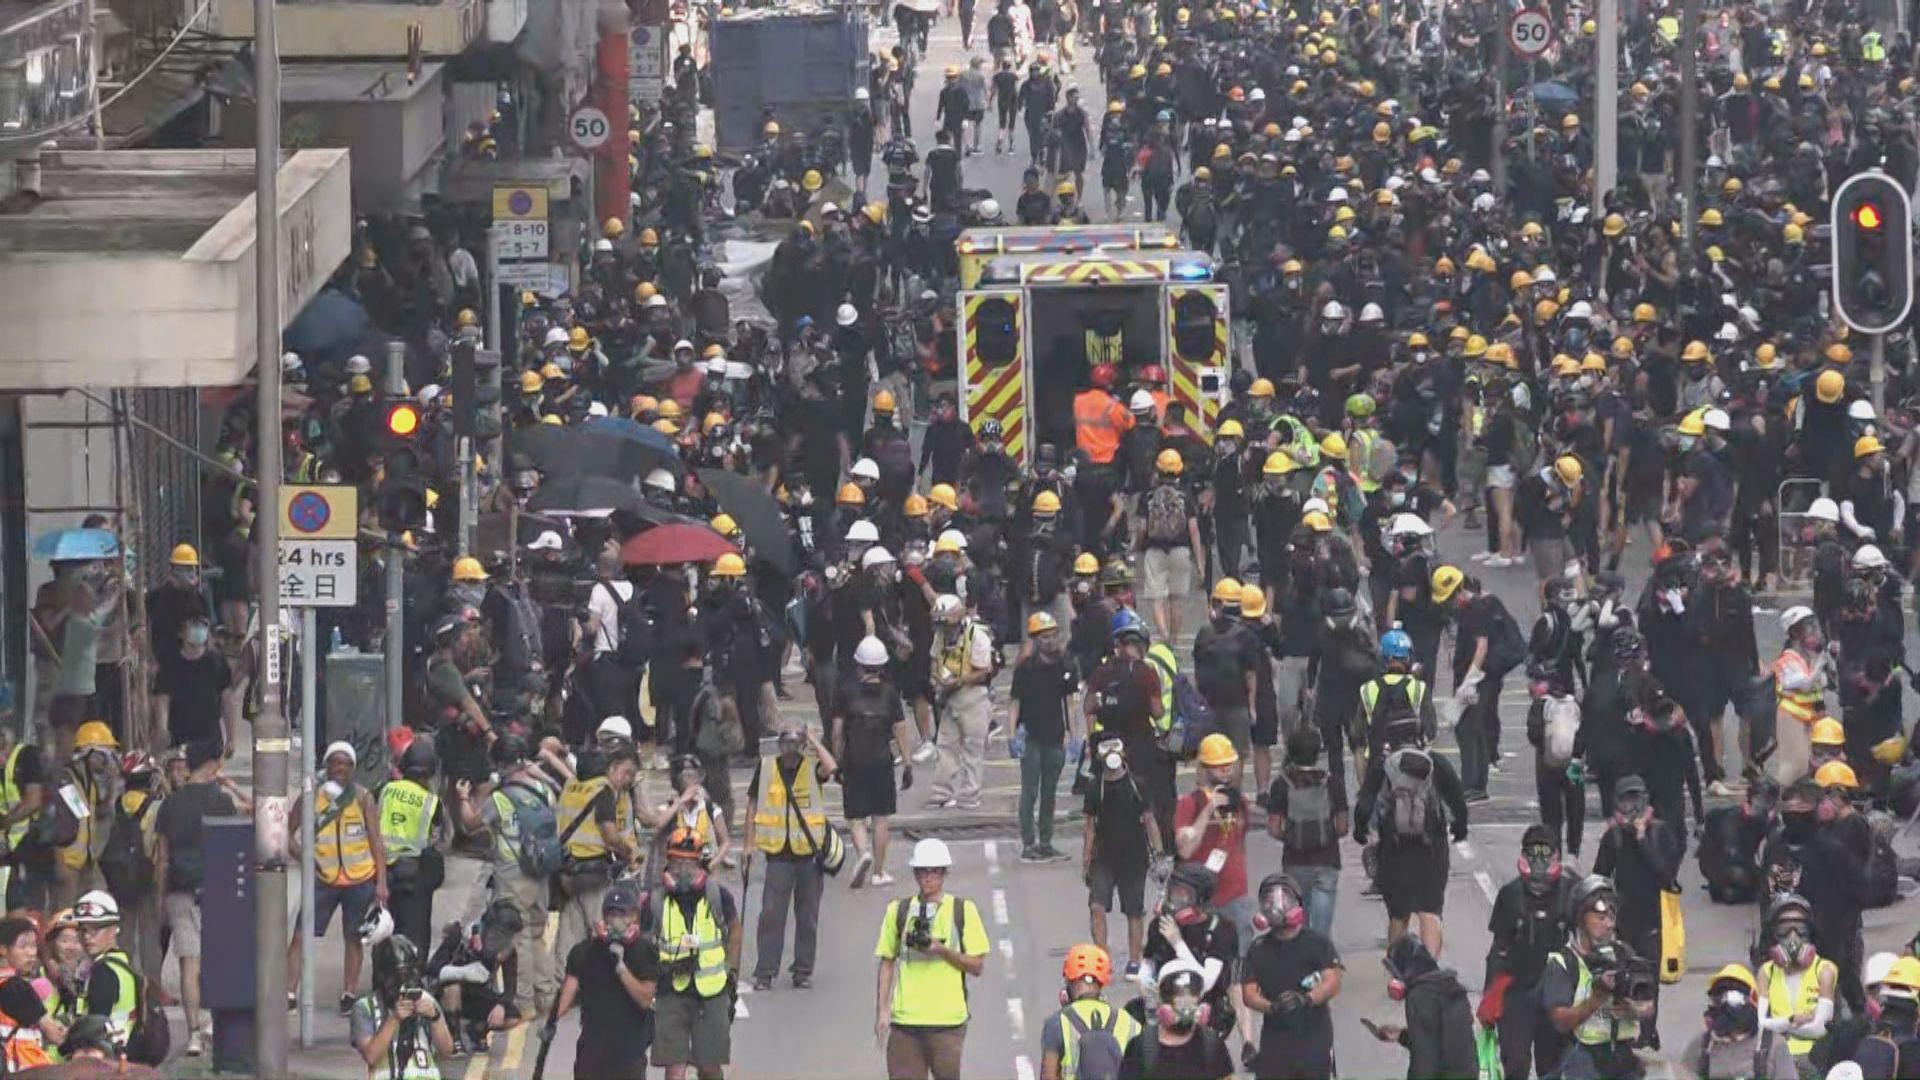 醫管局:十人因示威受傷入院